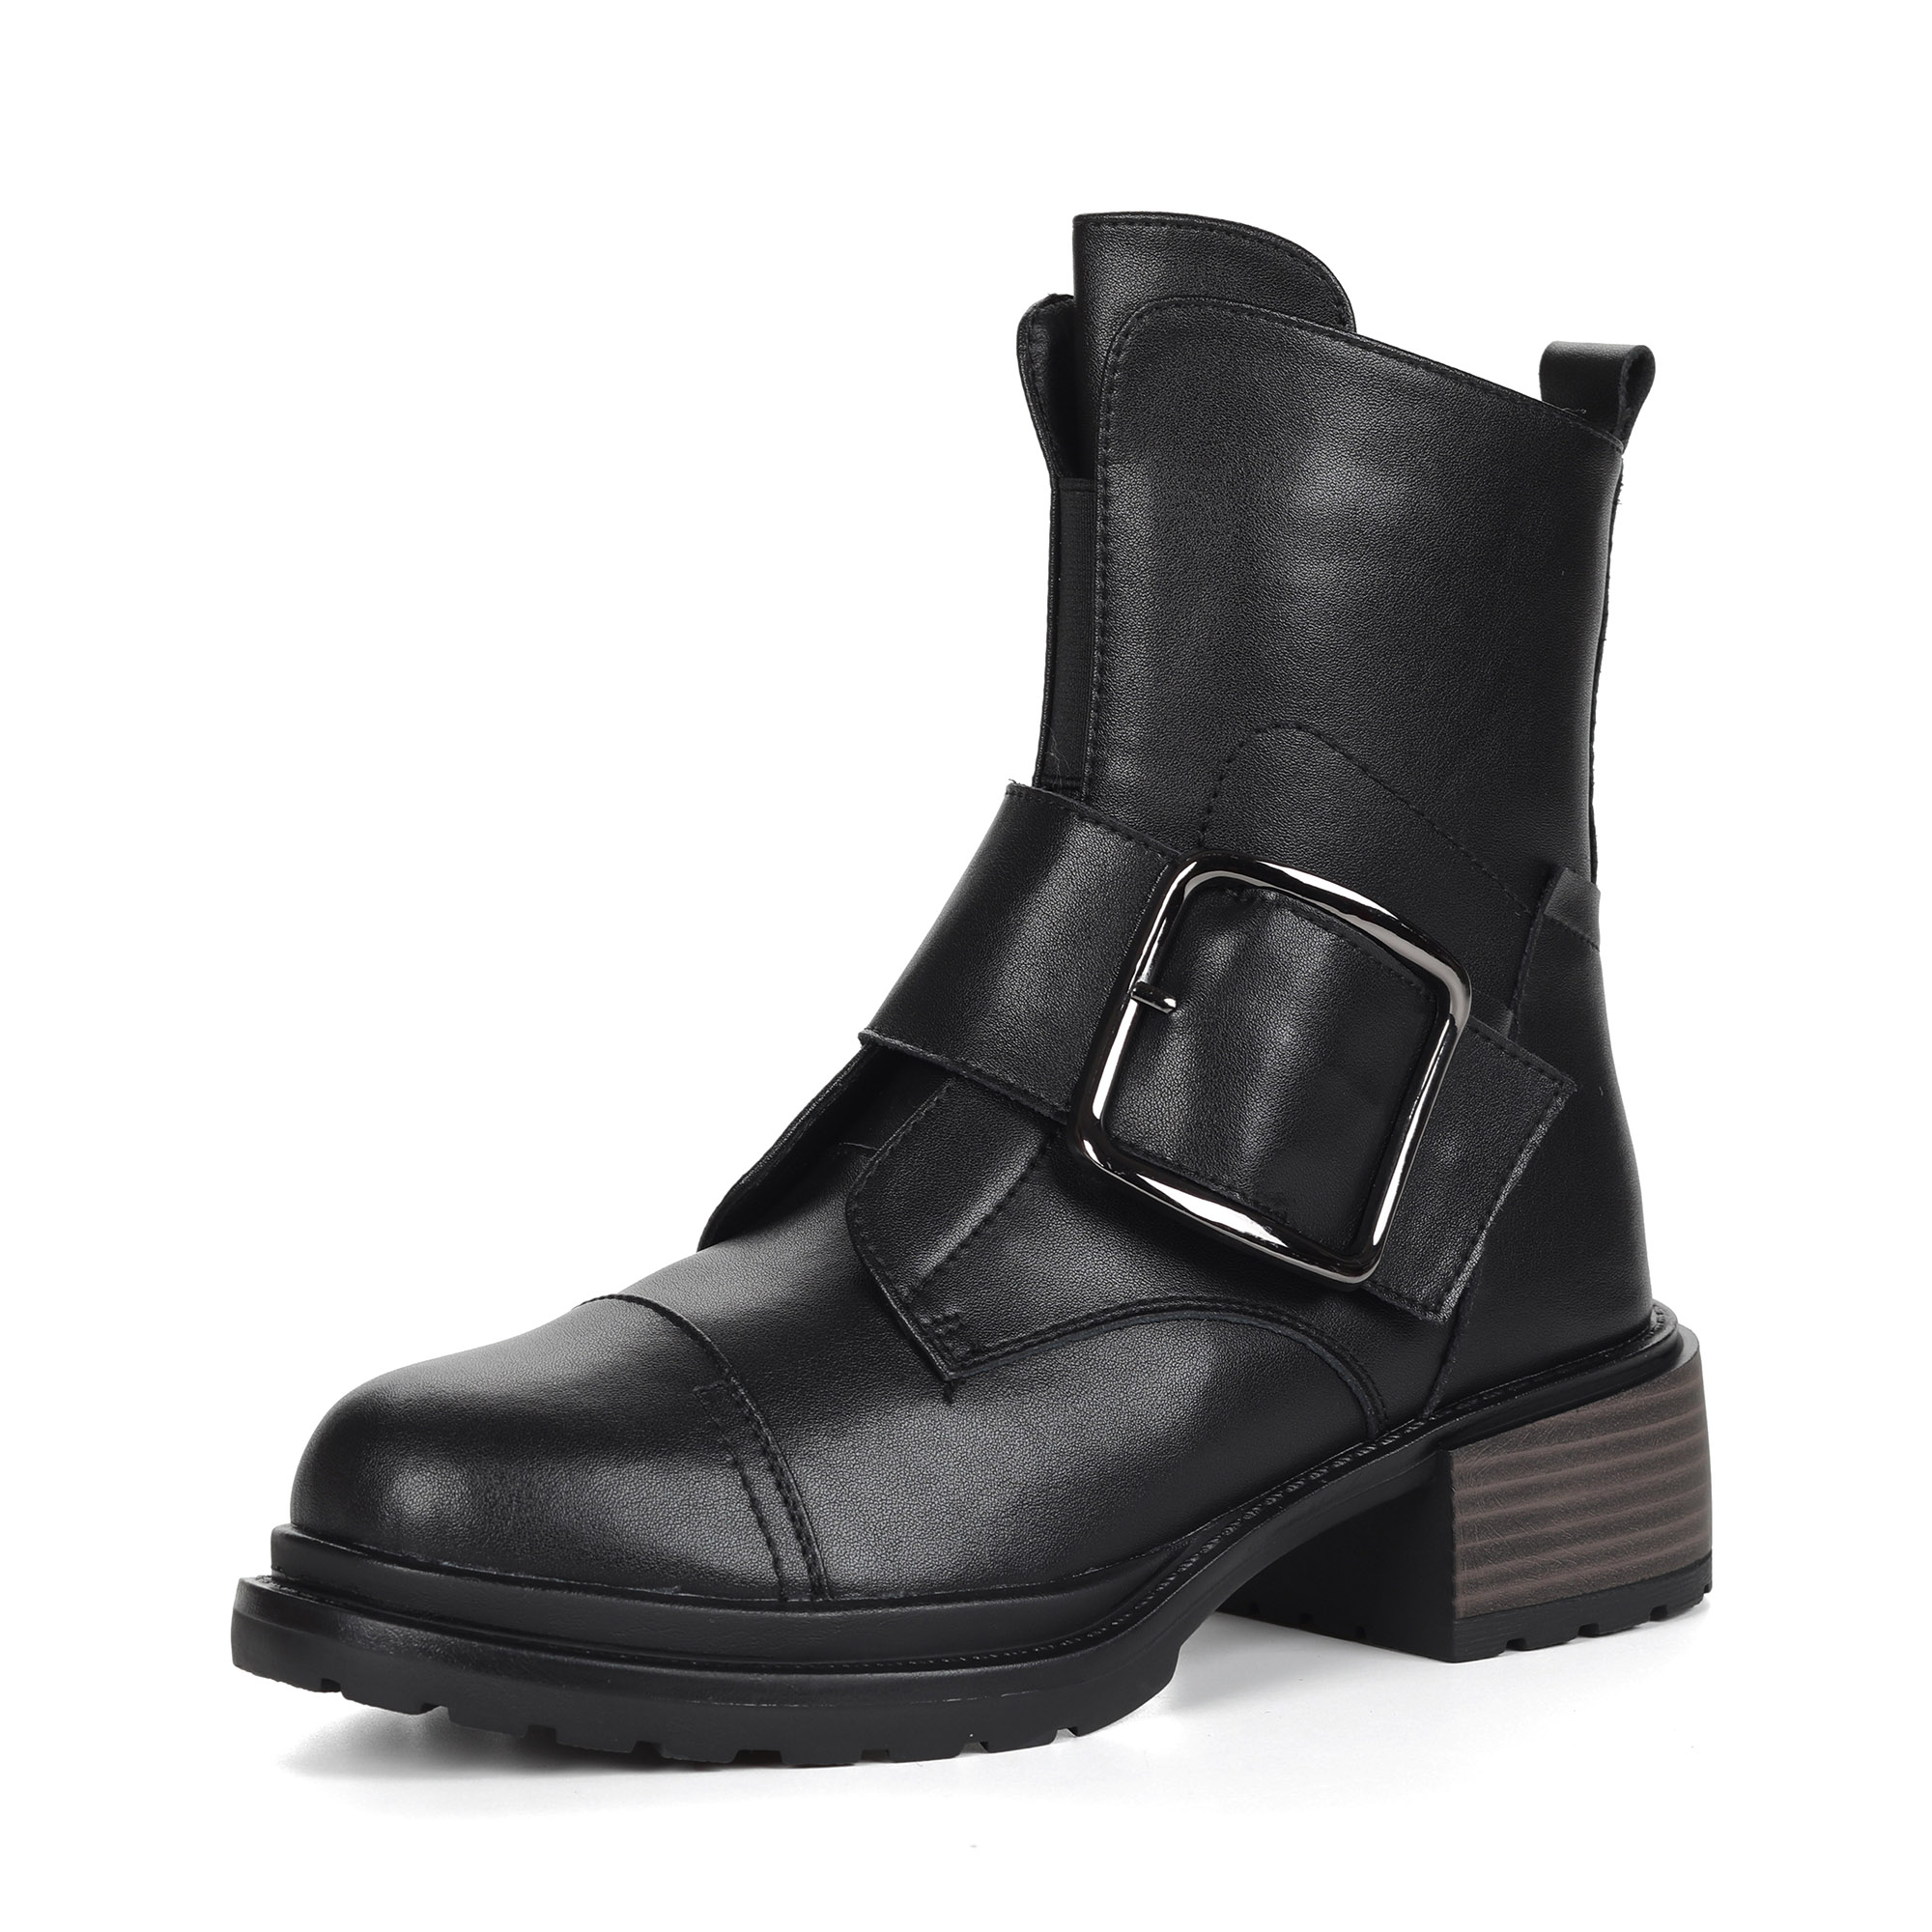 Черные ботинки из кожи на подкладке из натуральной шерсти на утолщенной подошве